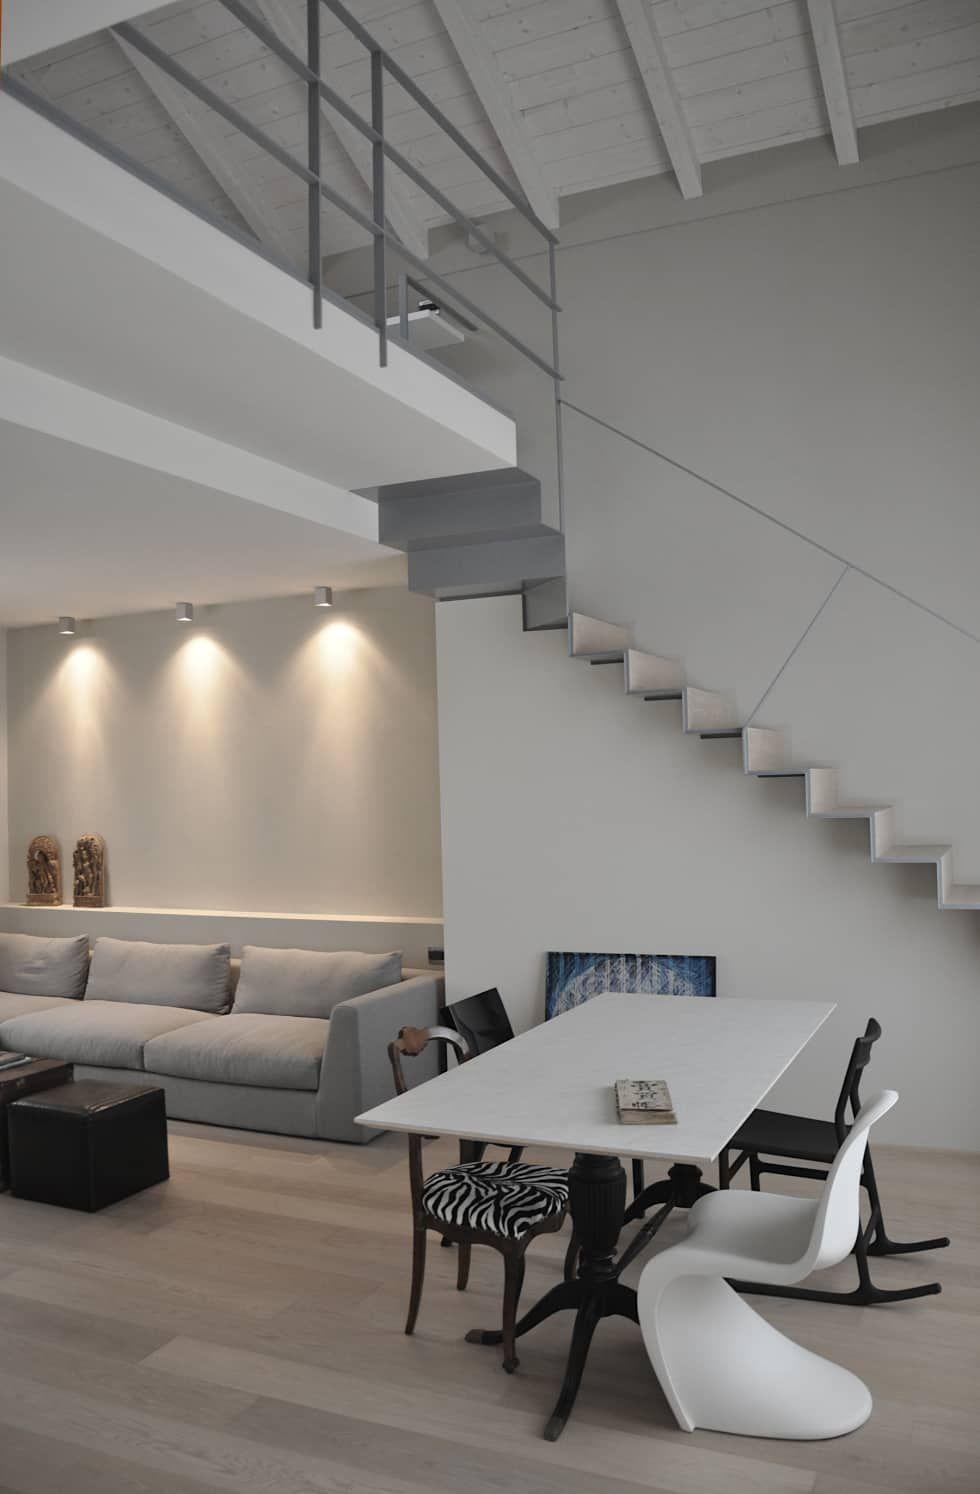 Foto di soggiorno in stile in stile moderno : casa ele | Scale and ...